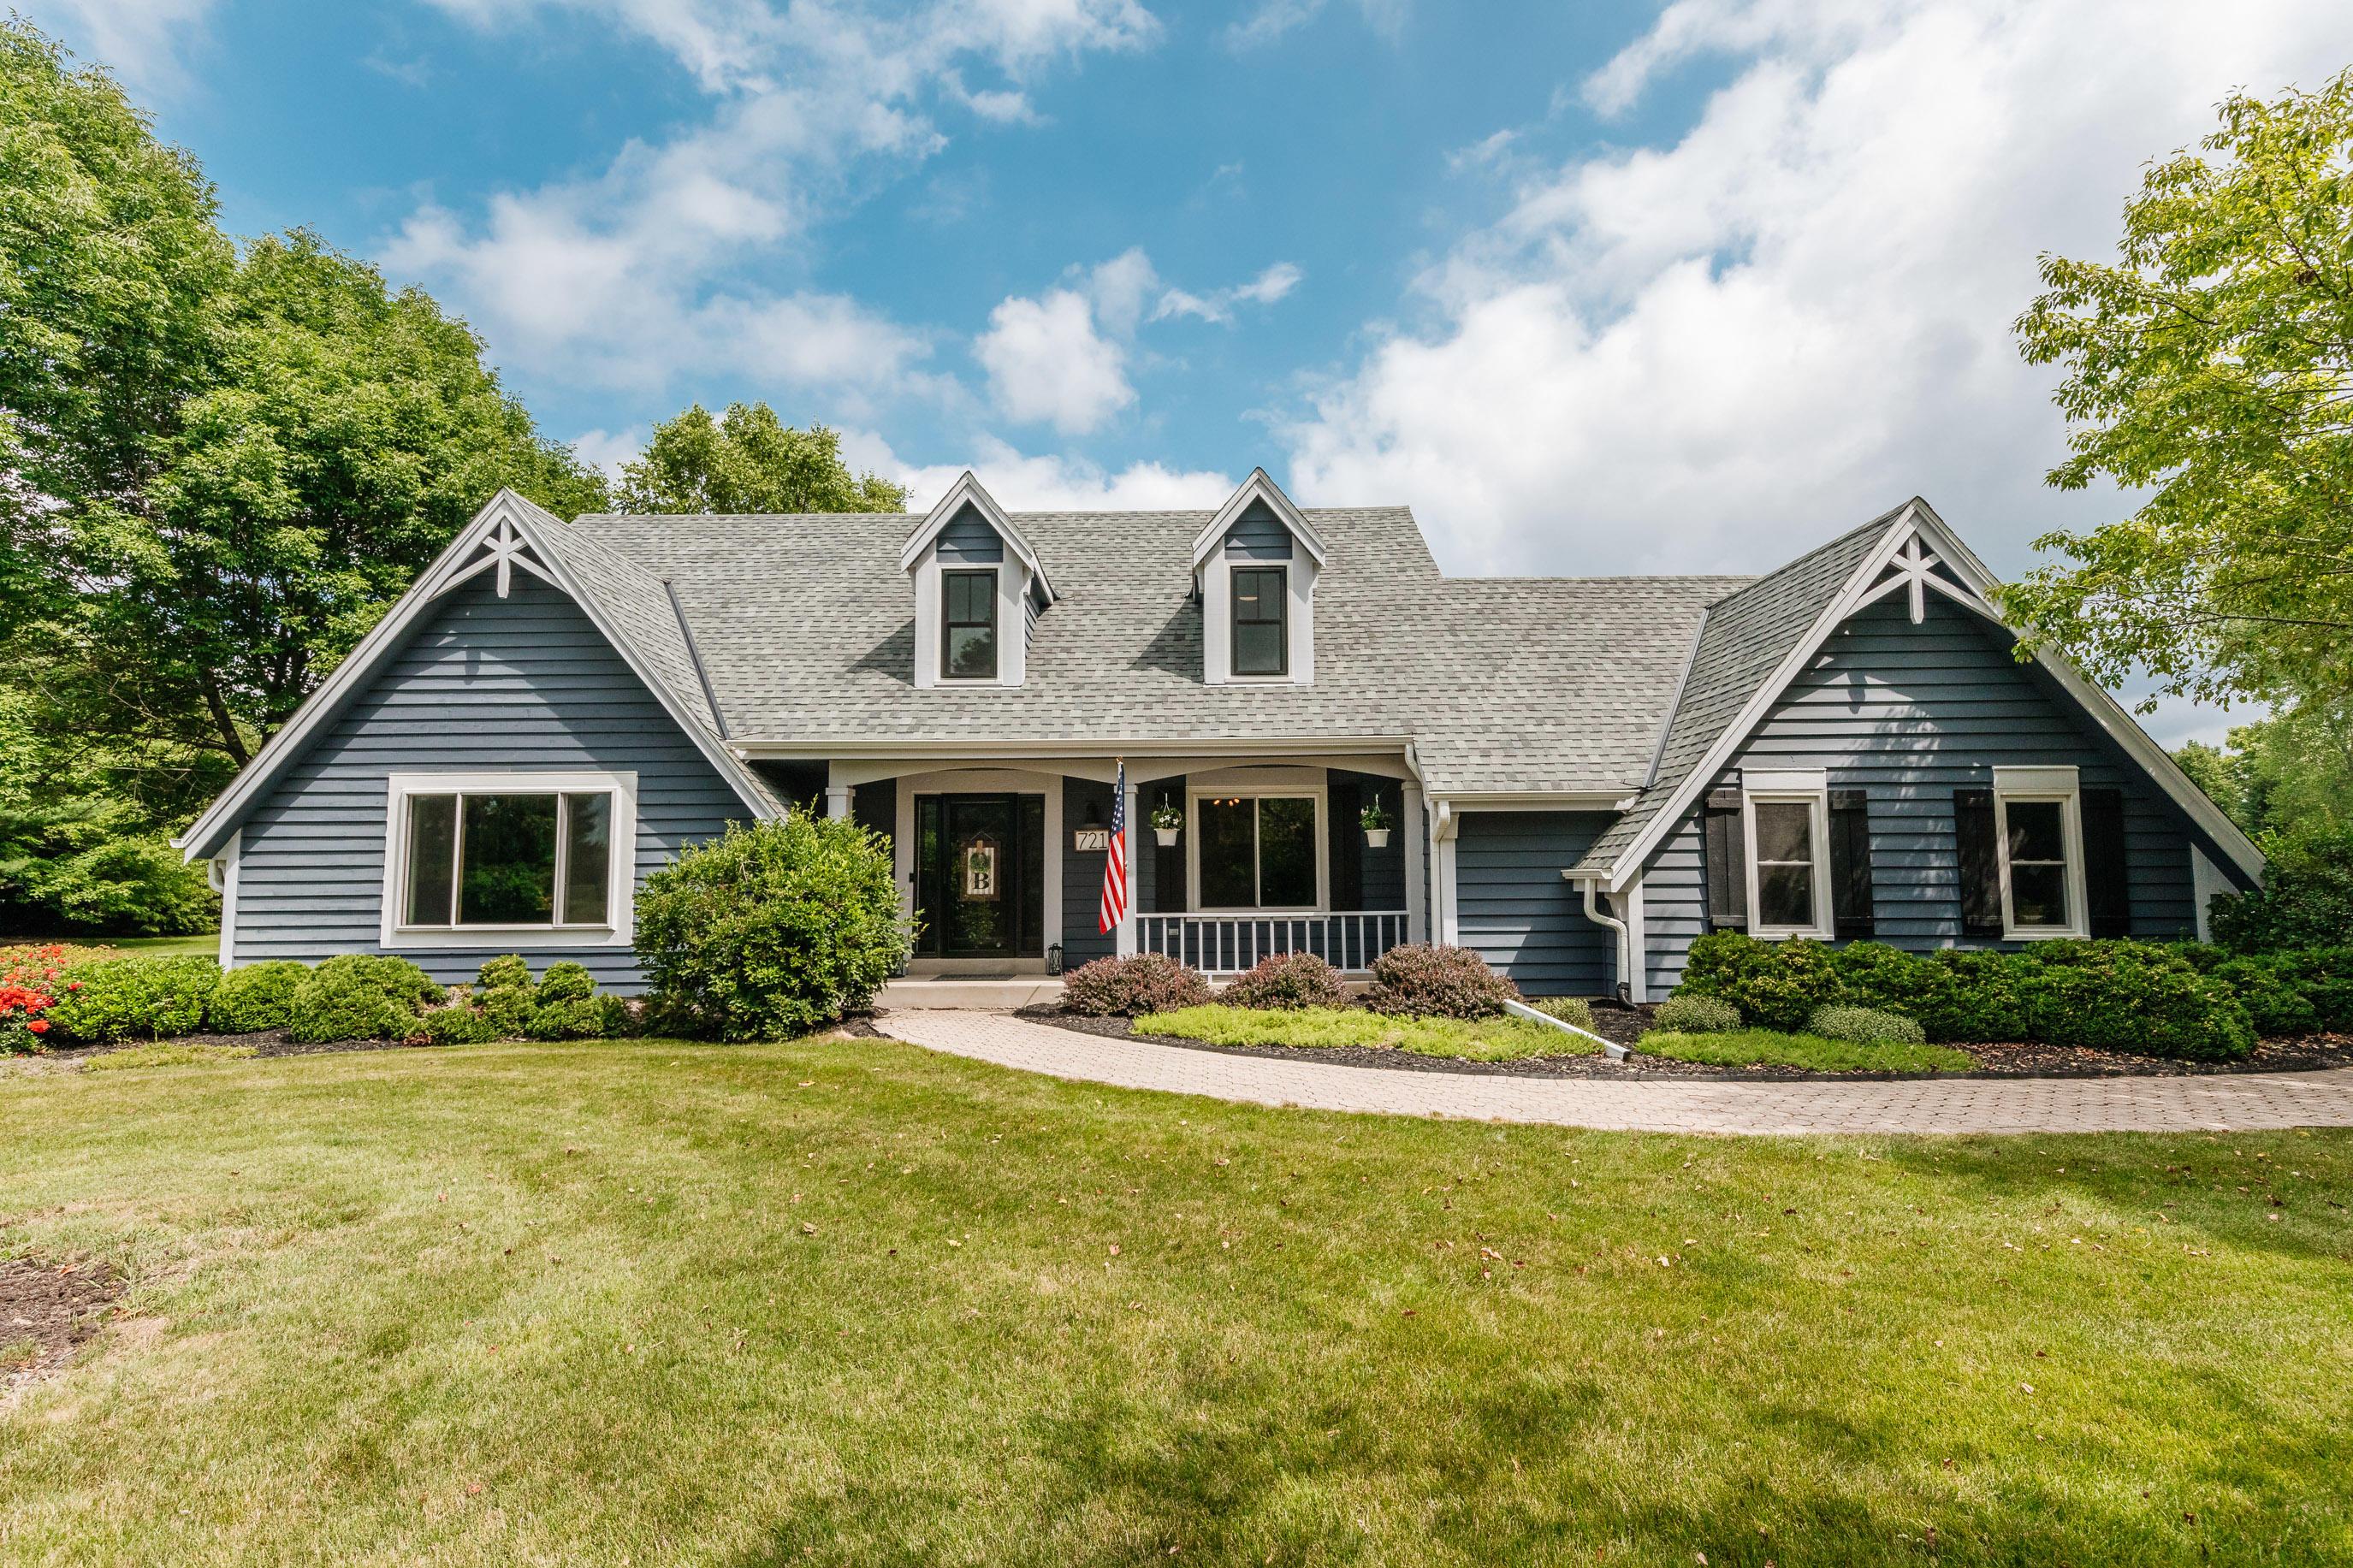 721 Woodland Park Dr, Delafield, Wisconsin 53018, 3 Bedrooms Bedrooms, 9 Rooms Rooms,2 BathroomsBathrooms,Single-Family,For Sale,Woodland Park Dr,1752120